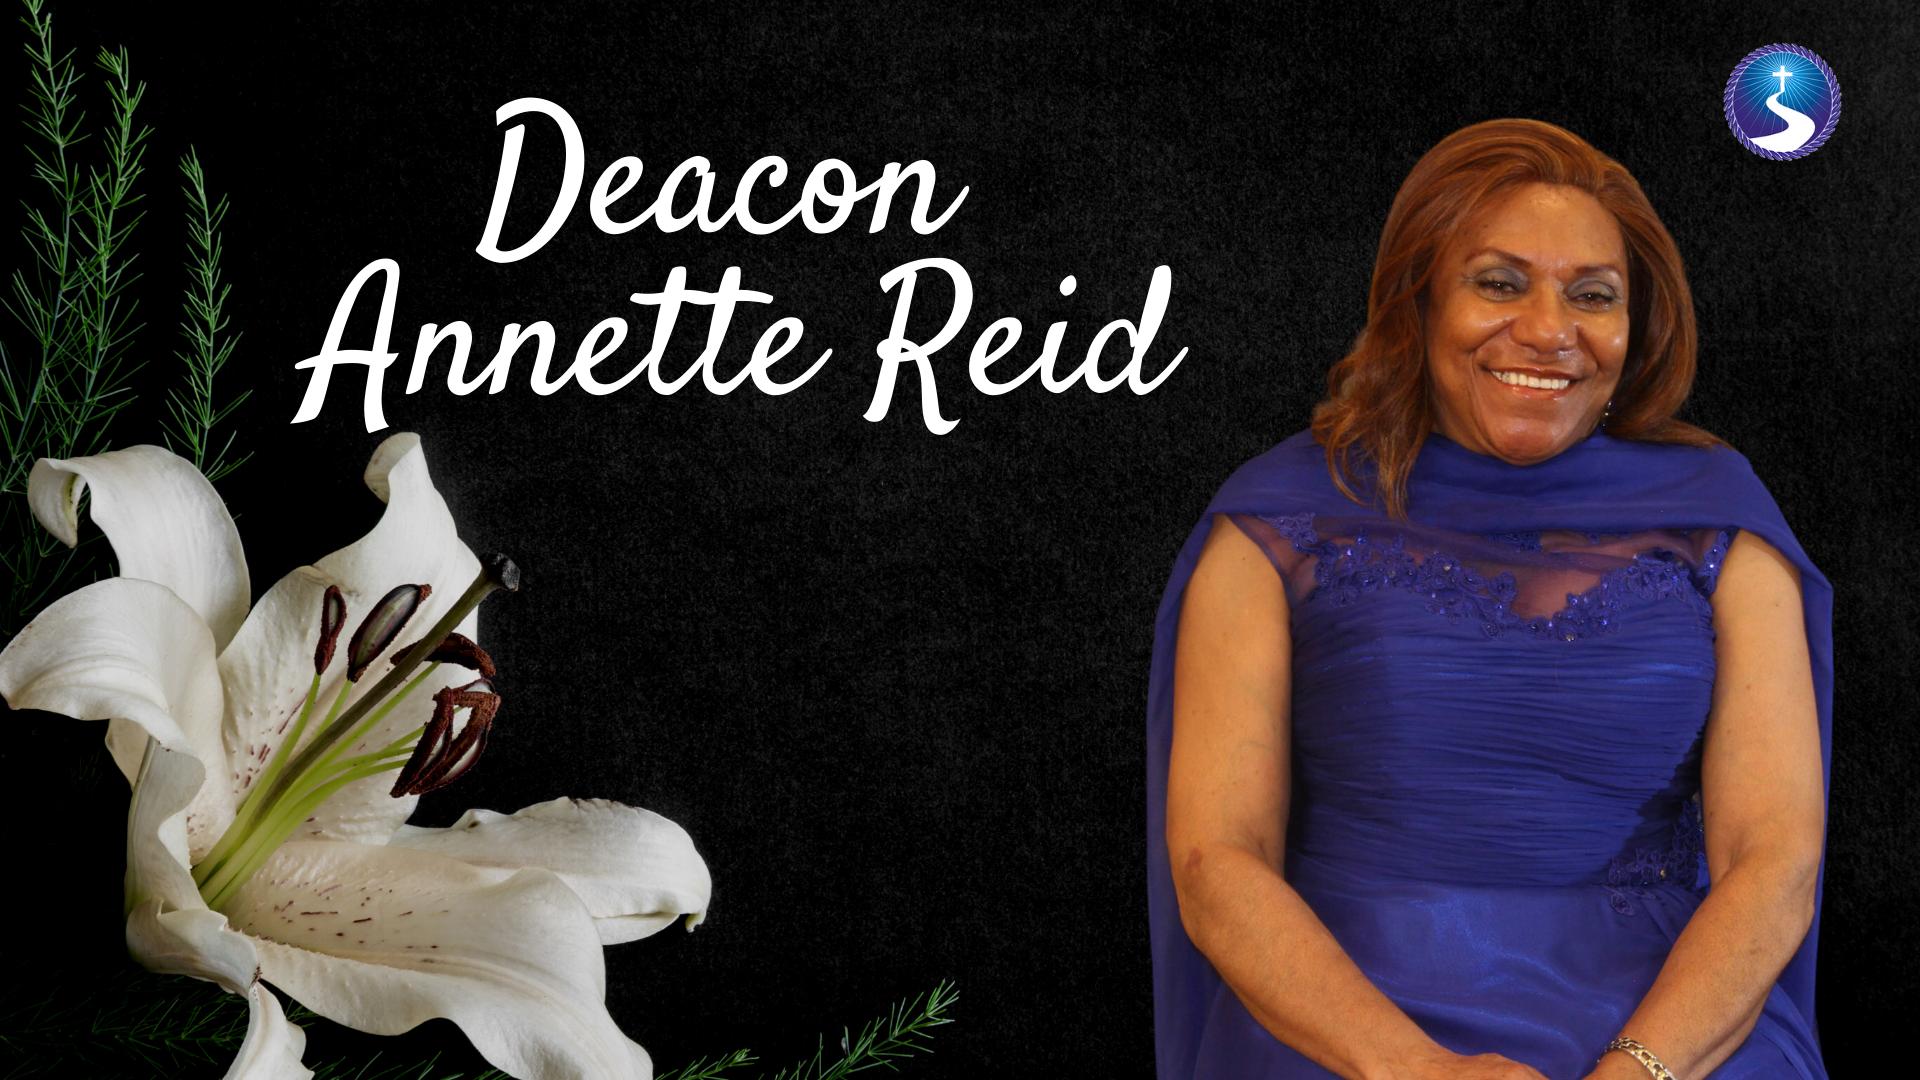 Deacon Annette Reid